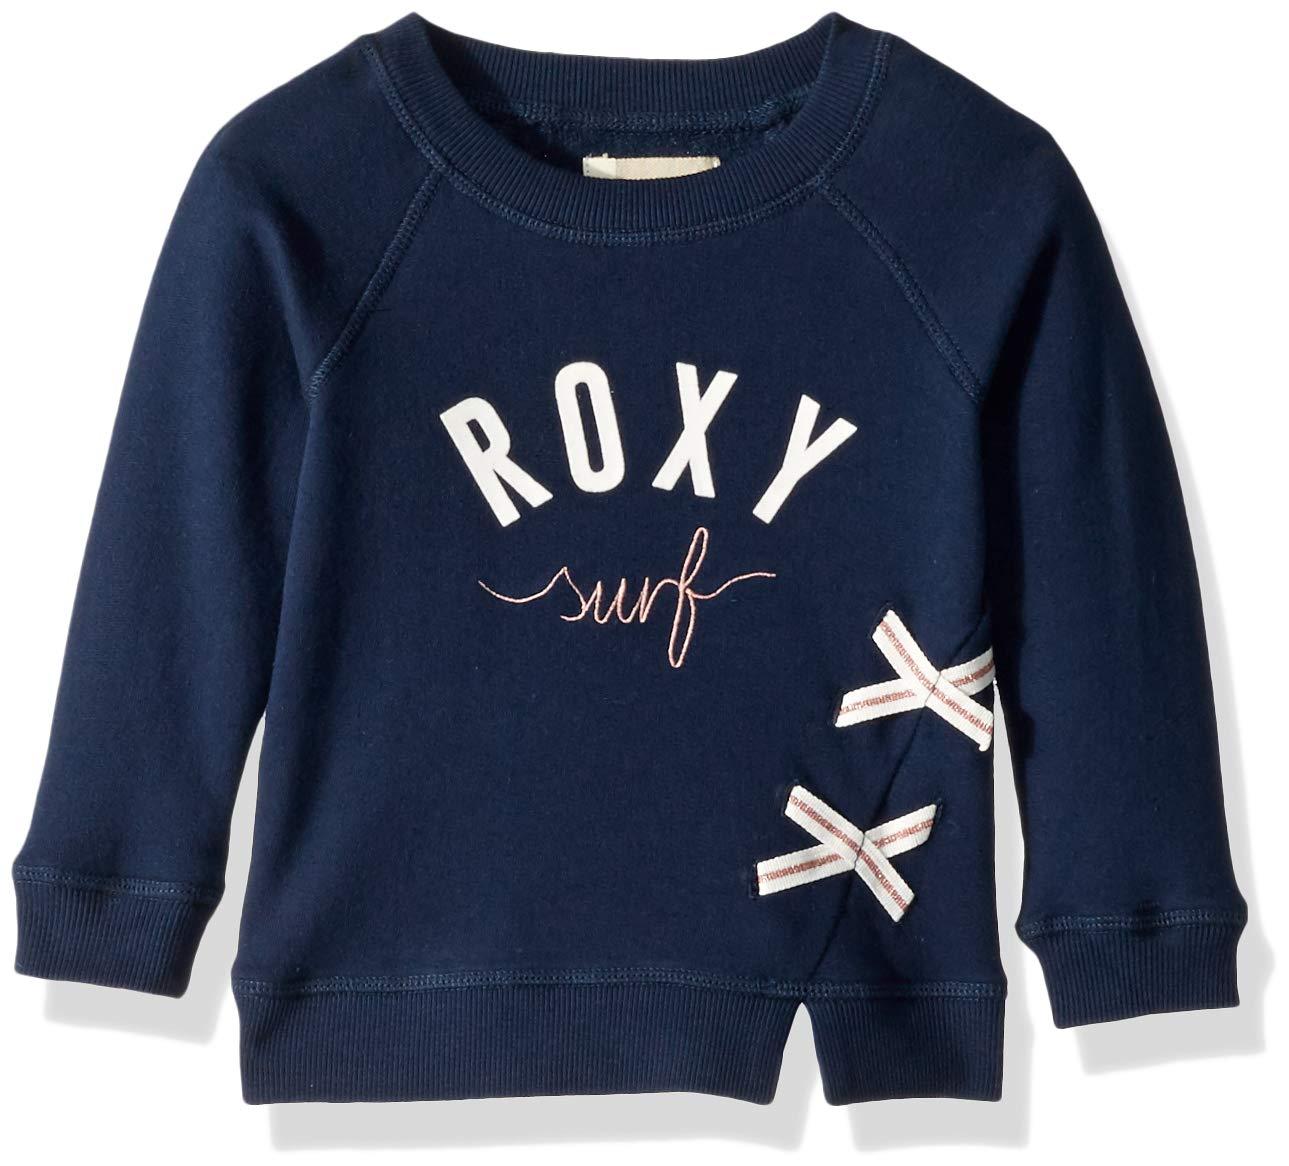 Roxy Little Ordinary Girl Pullover Sweatshirt, Dress Blues 3 by Roxy (Image #1)